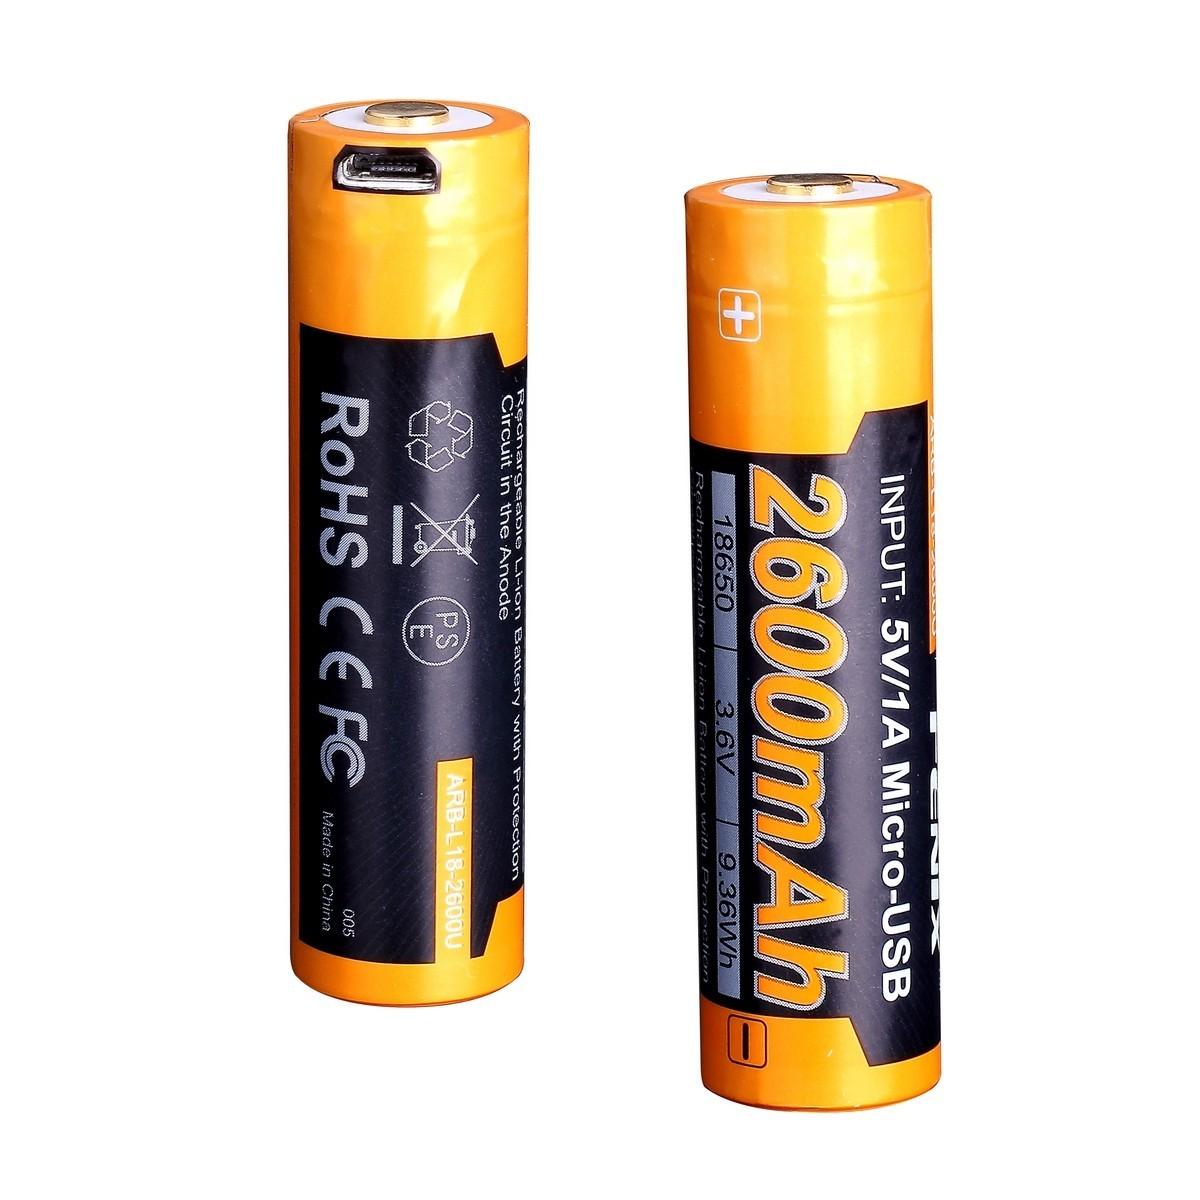 цена на Аккумулятор 18650 Fenix 2600U mAh с разъемом для USB